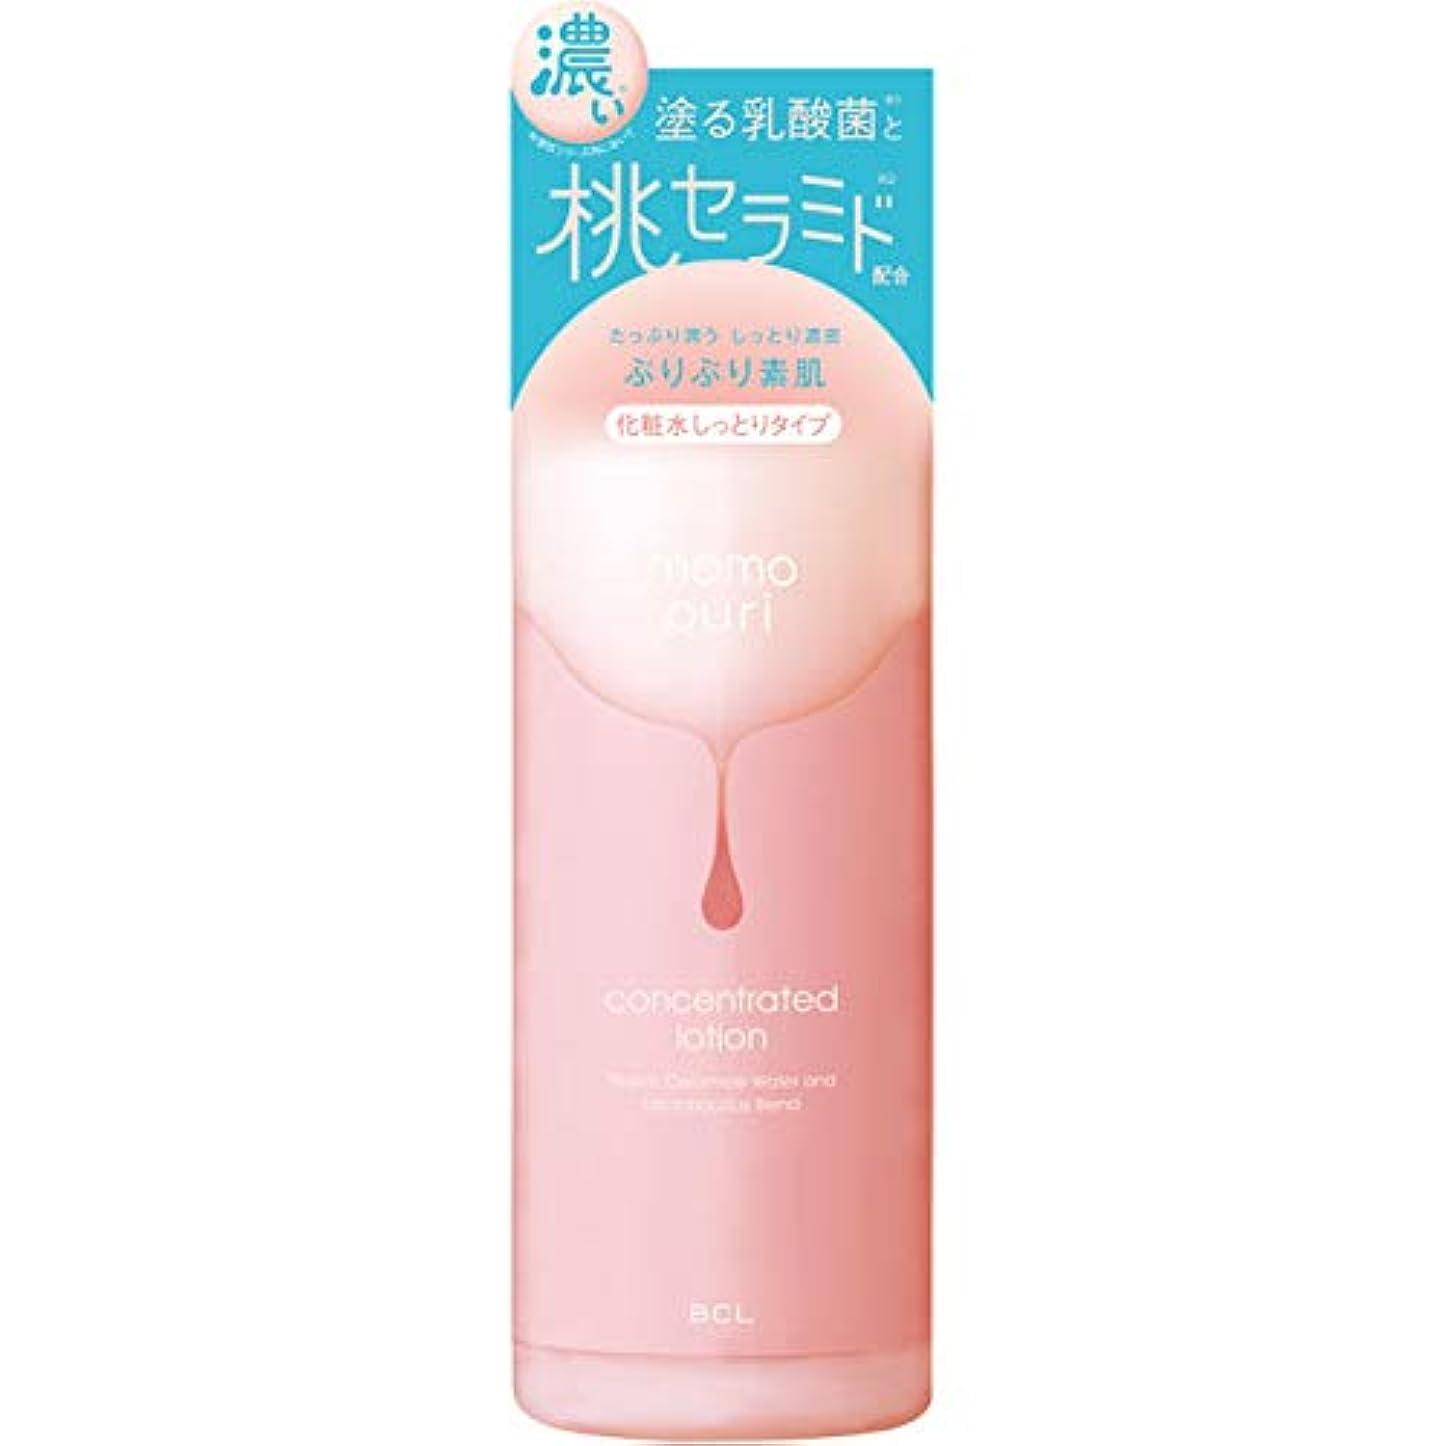 思い出す悪の公【8個セット】ももぷり 潤い濃密化粧水 200ml